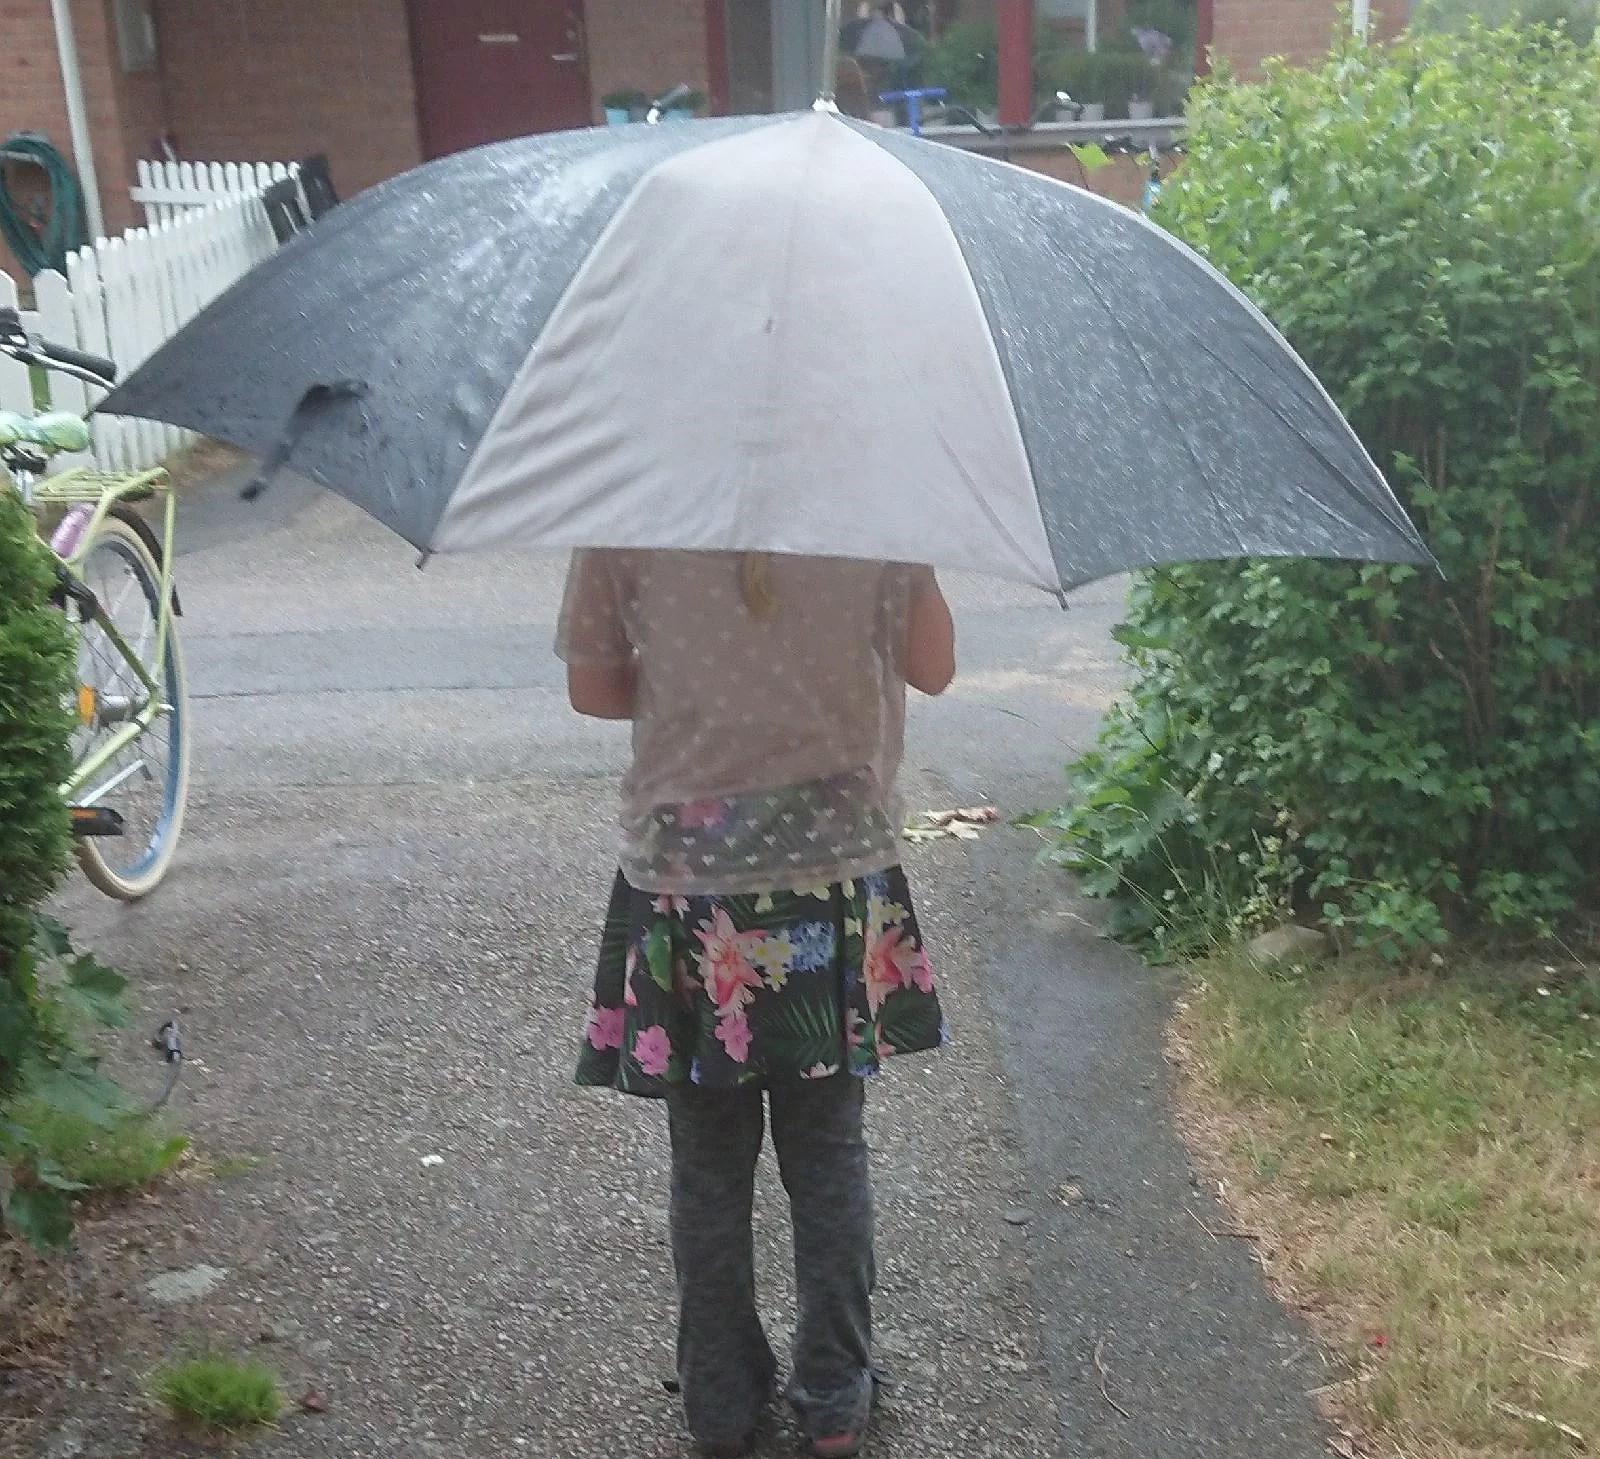 Regnet bara öser ner